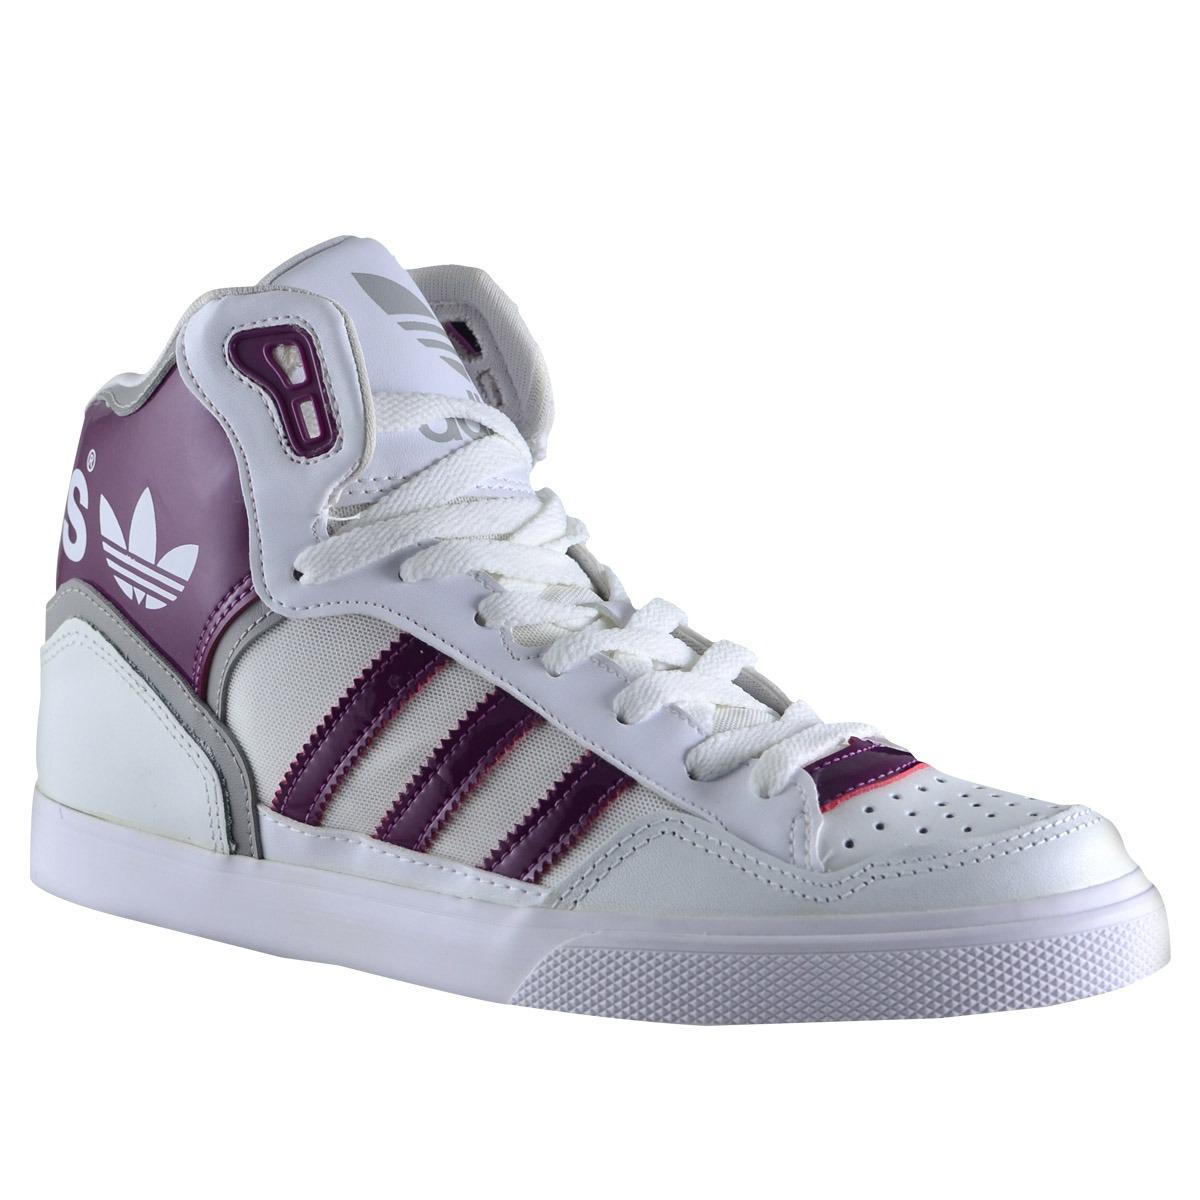 cheap for discount da093 9a293 Adidas Originals Extaball Chica